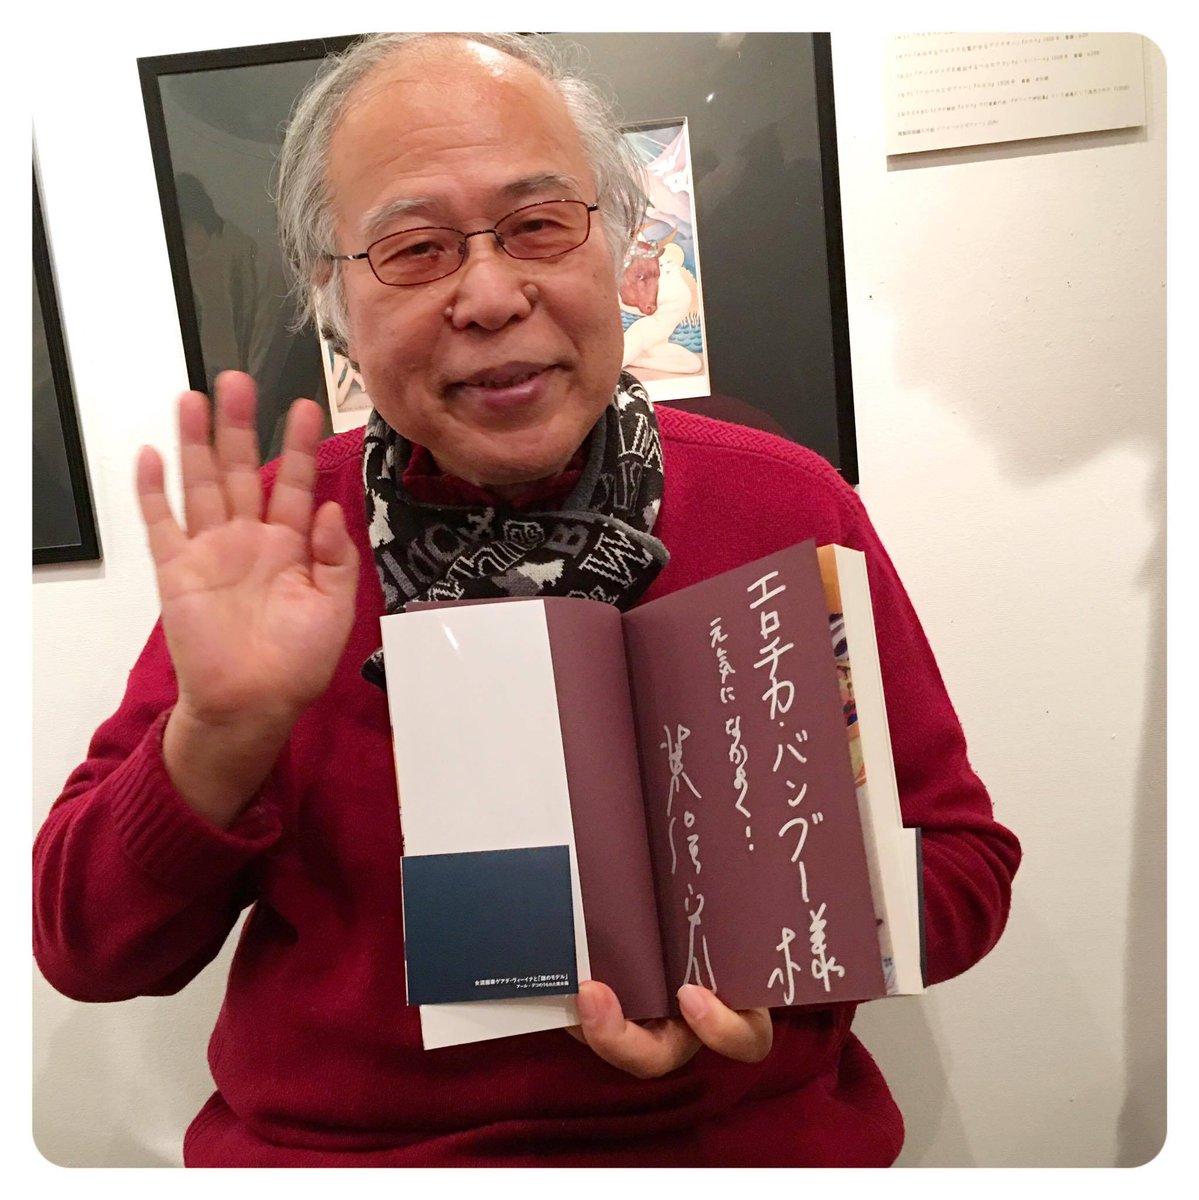 荒俣先生ありがとうございます!いつかお会い出来る日を楽しみにしております。トイちゃん先生にお話しして下さってありがとう! https://t.co/KlycAP7CqR